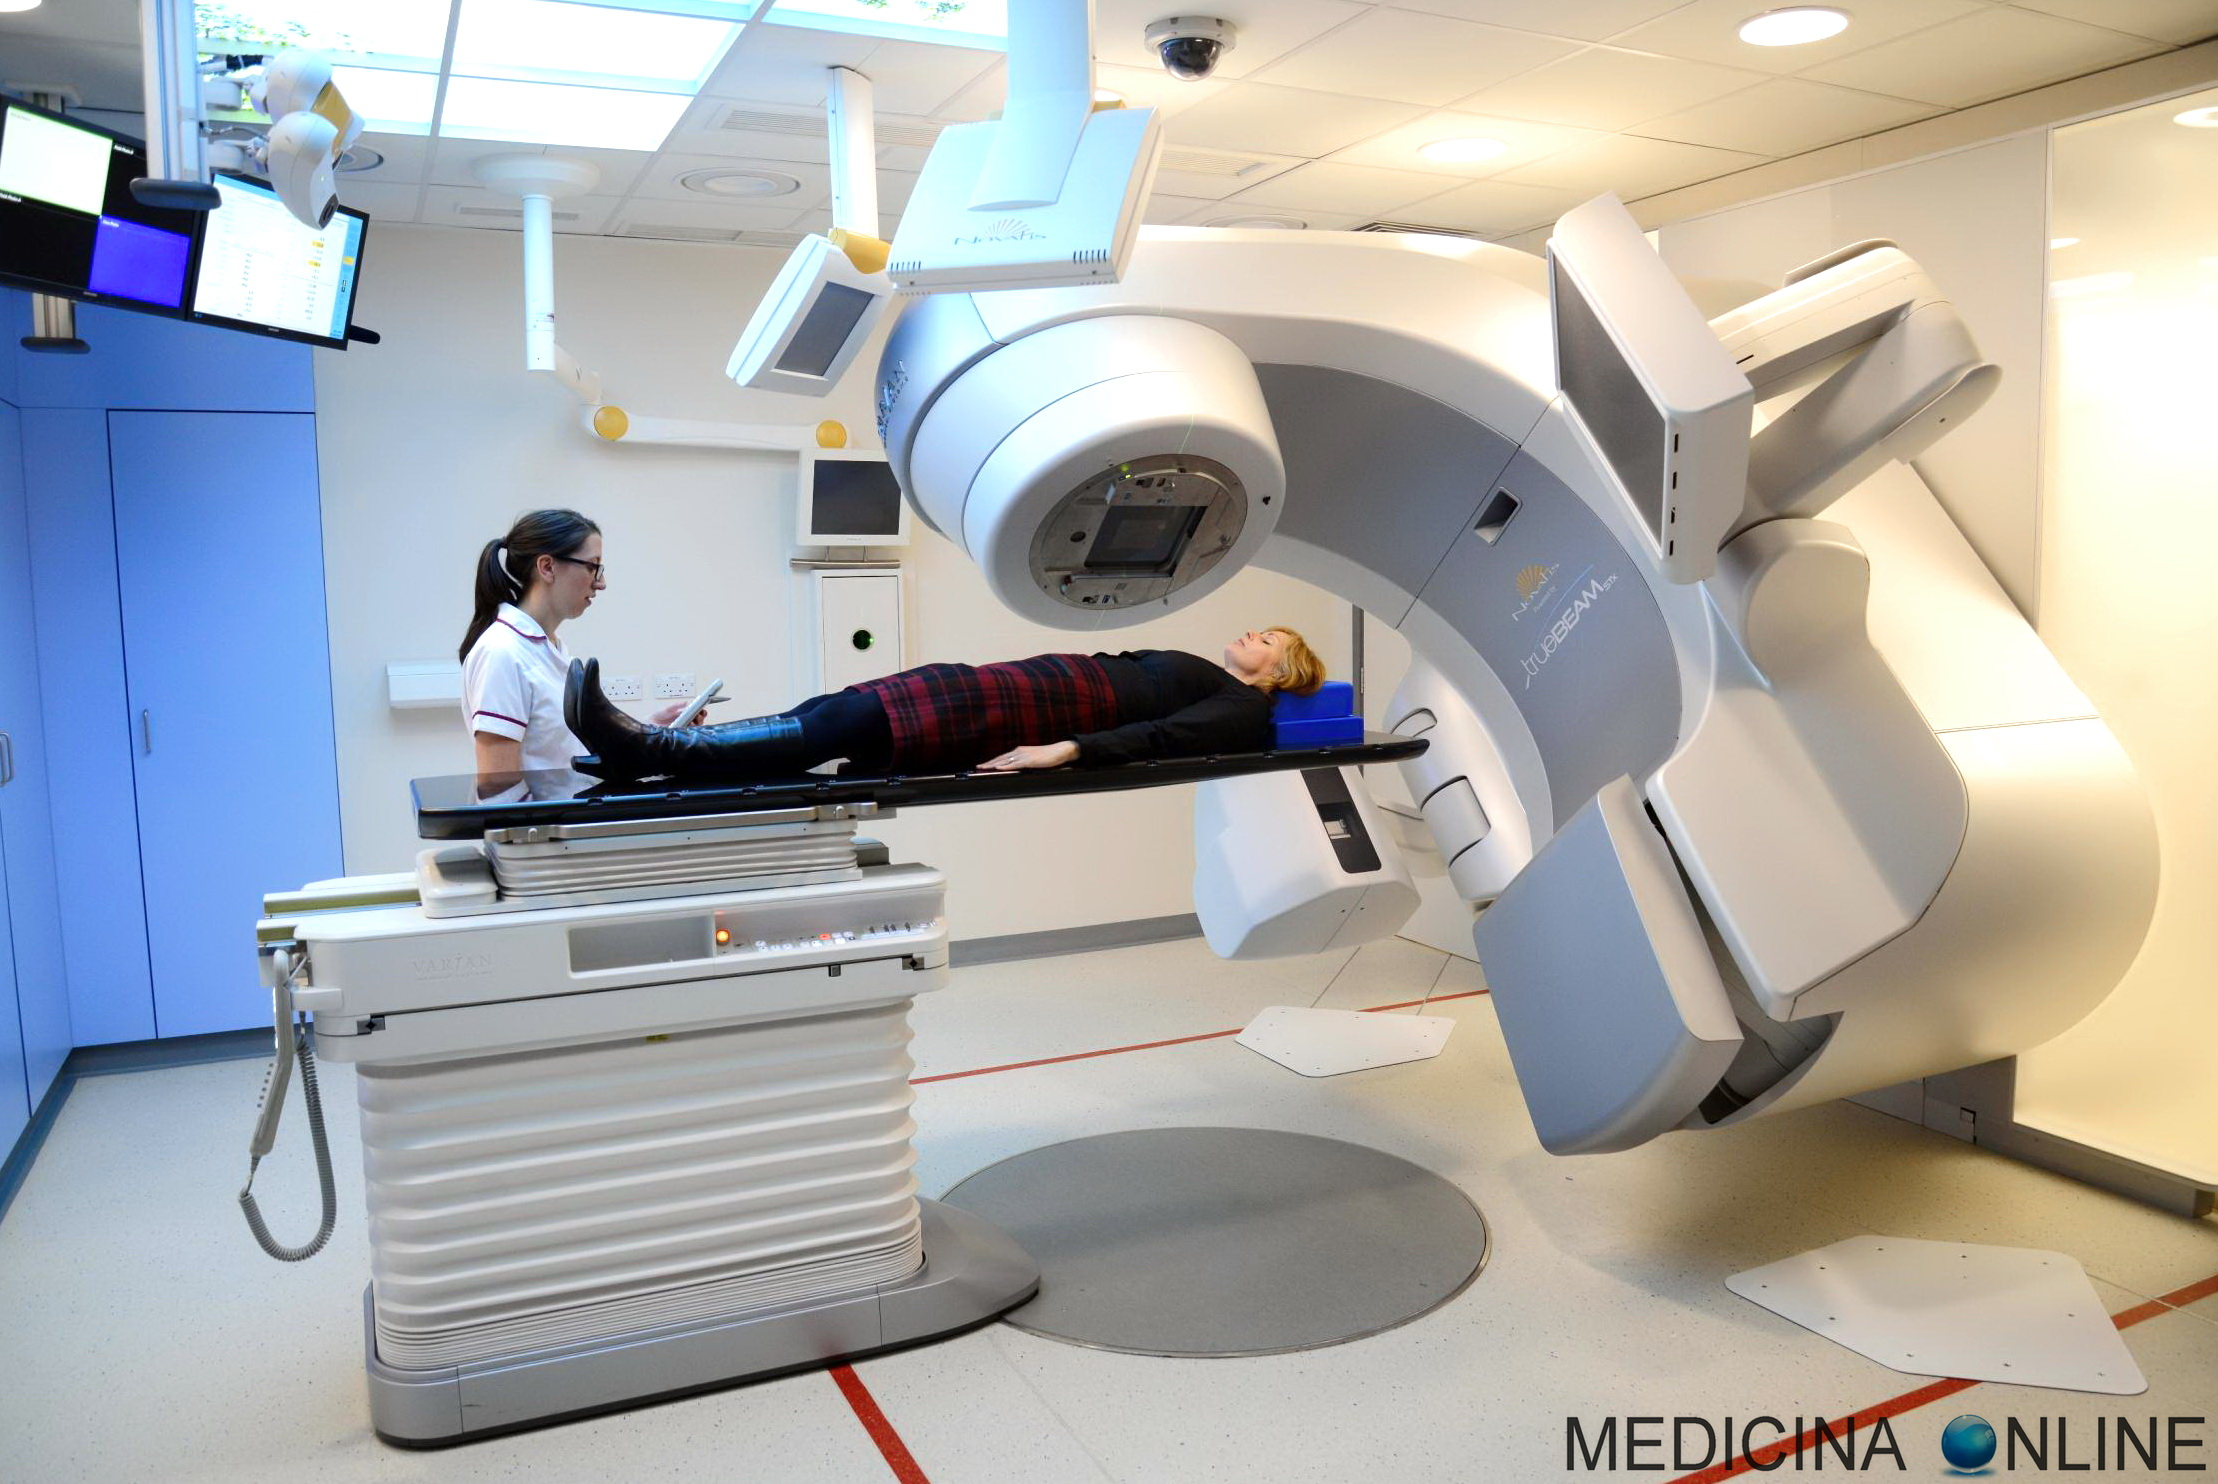 radioterapia stereotassica prostata effetti collaterali